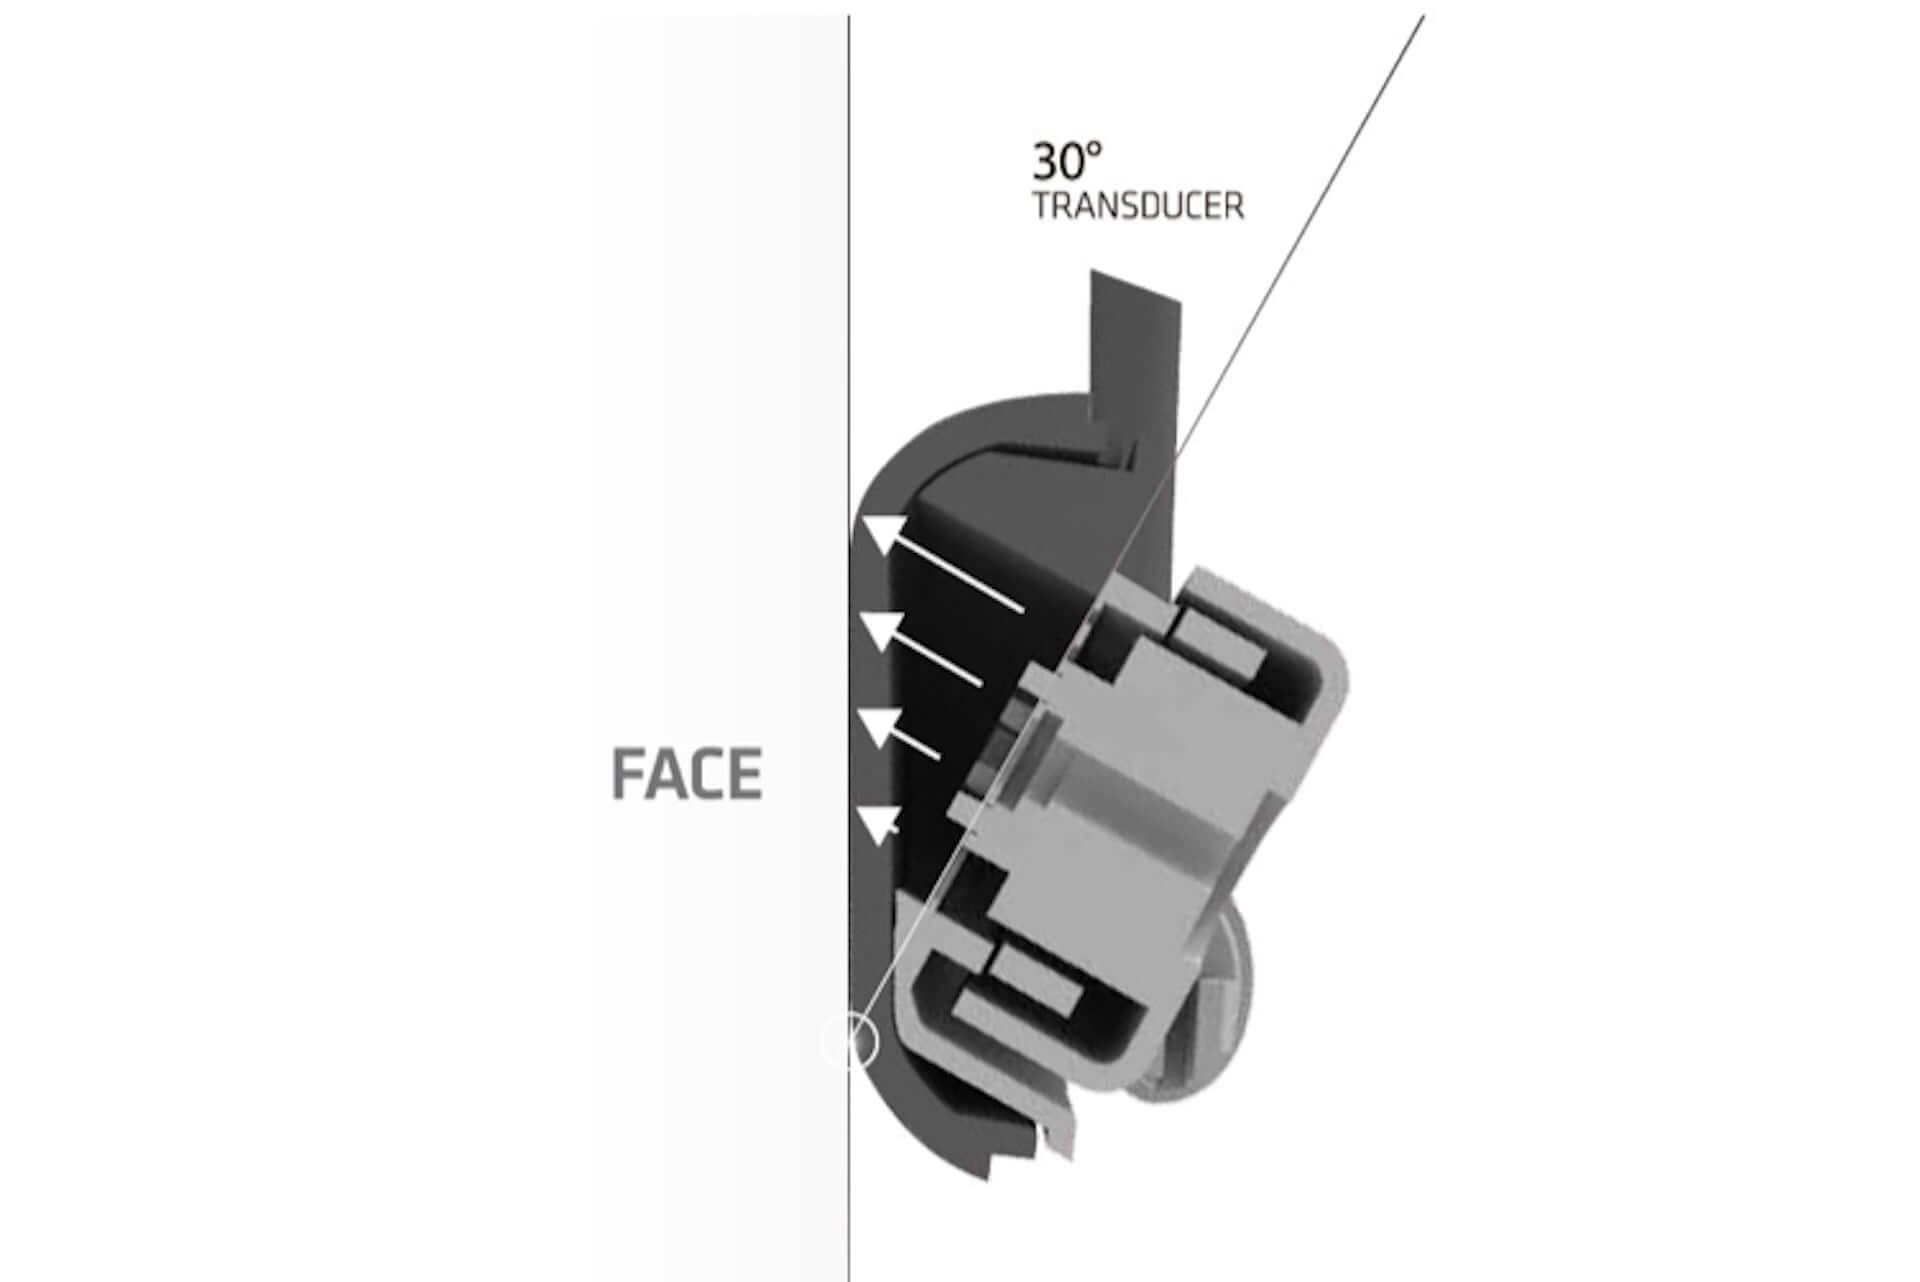 ランニングに最適!耳を塞がず音楽を楽しめる骨伝導ヘッドホン「Aeropex」が登場 technology190722aeropex_2-1920x1282